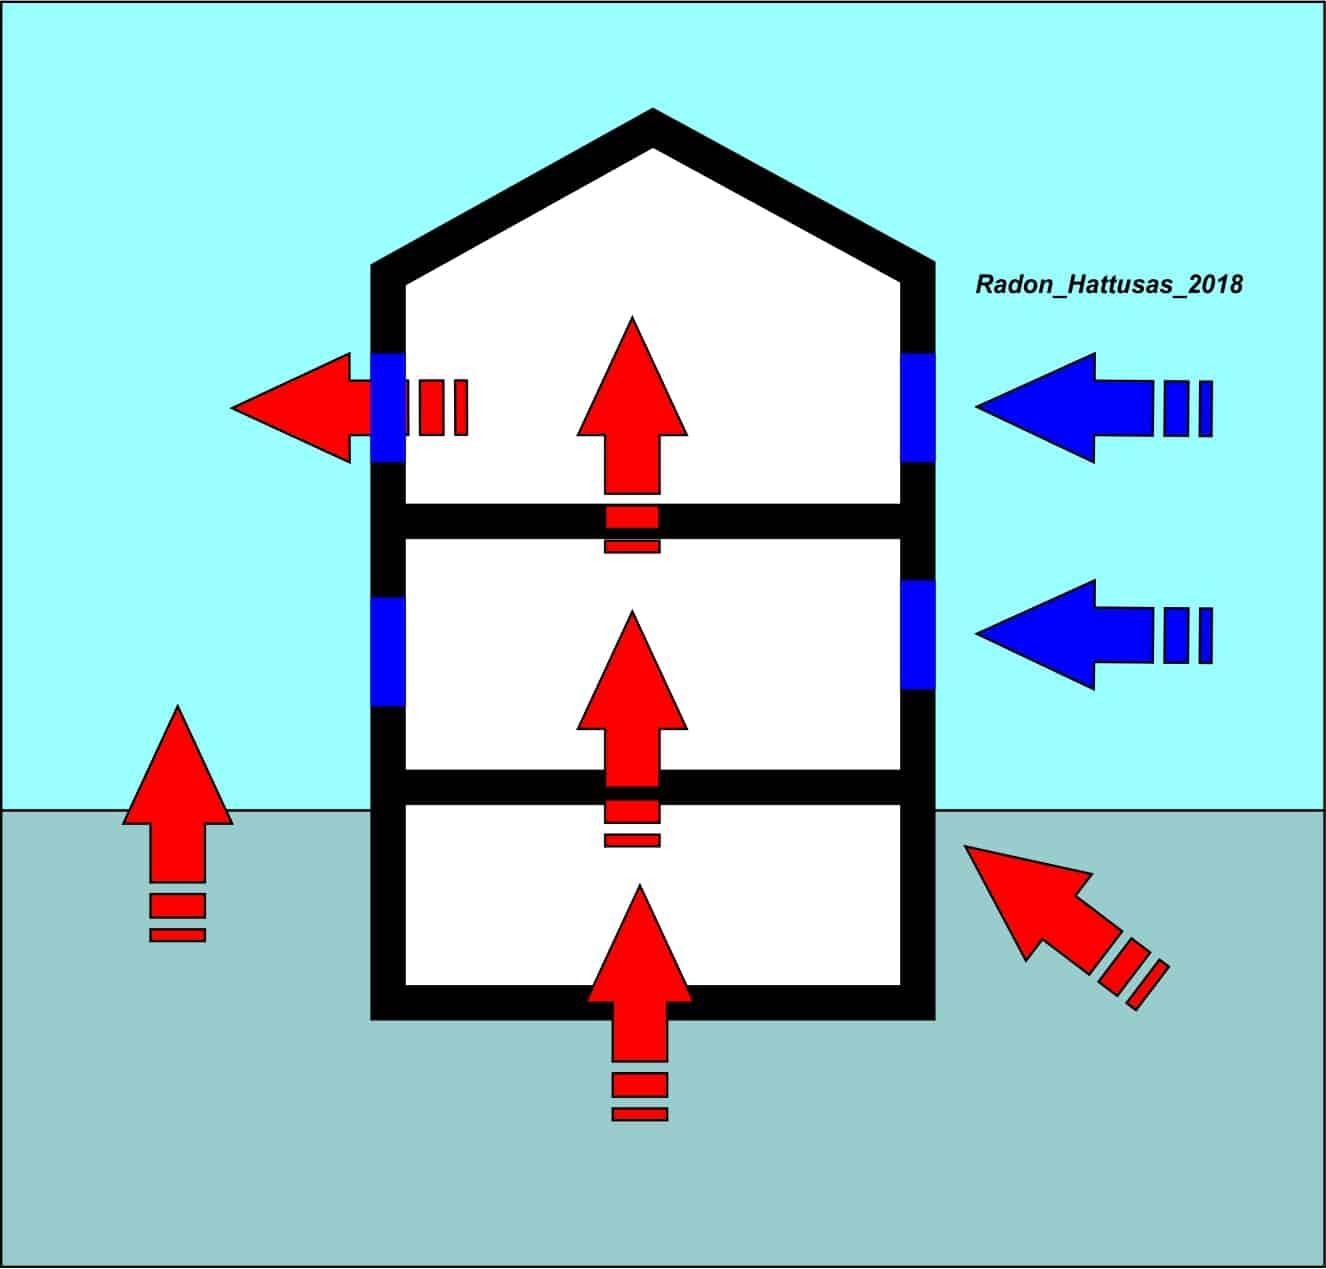 Hattusas - Bonifica Radon - Tecniche di Bonifica e Risanamento - Direzionamento dei flussi d'aria